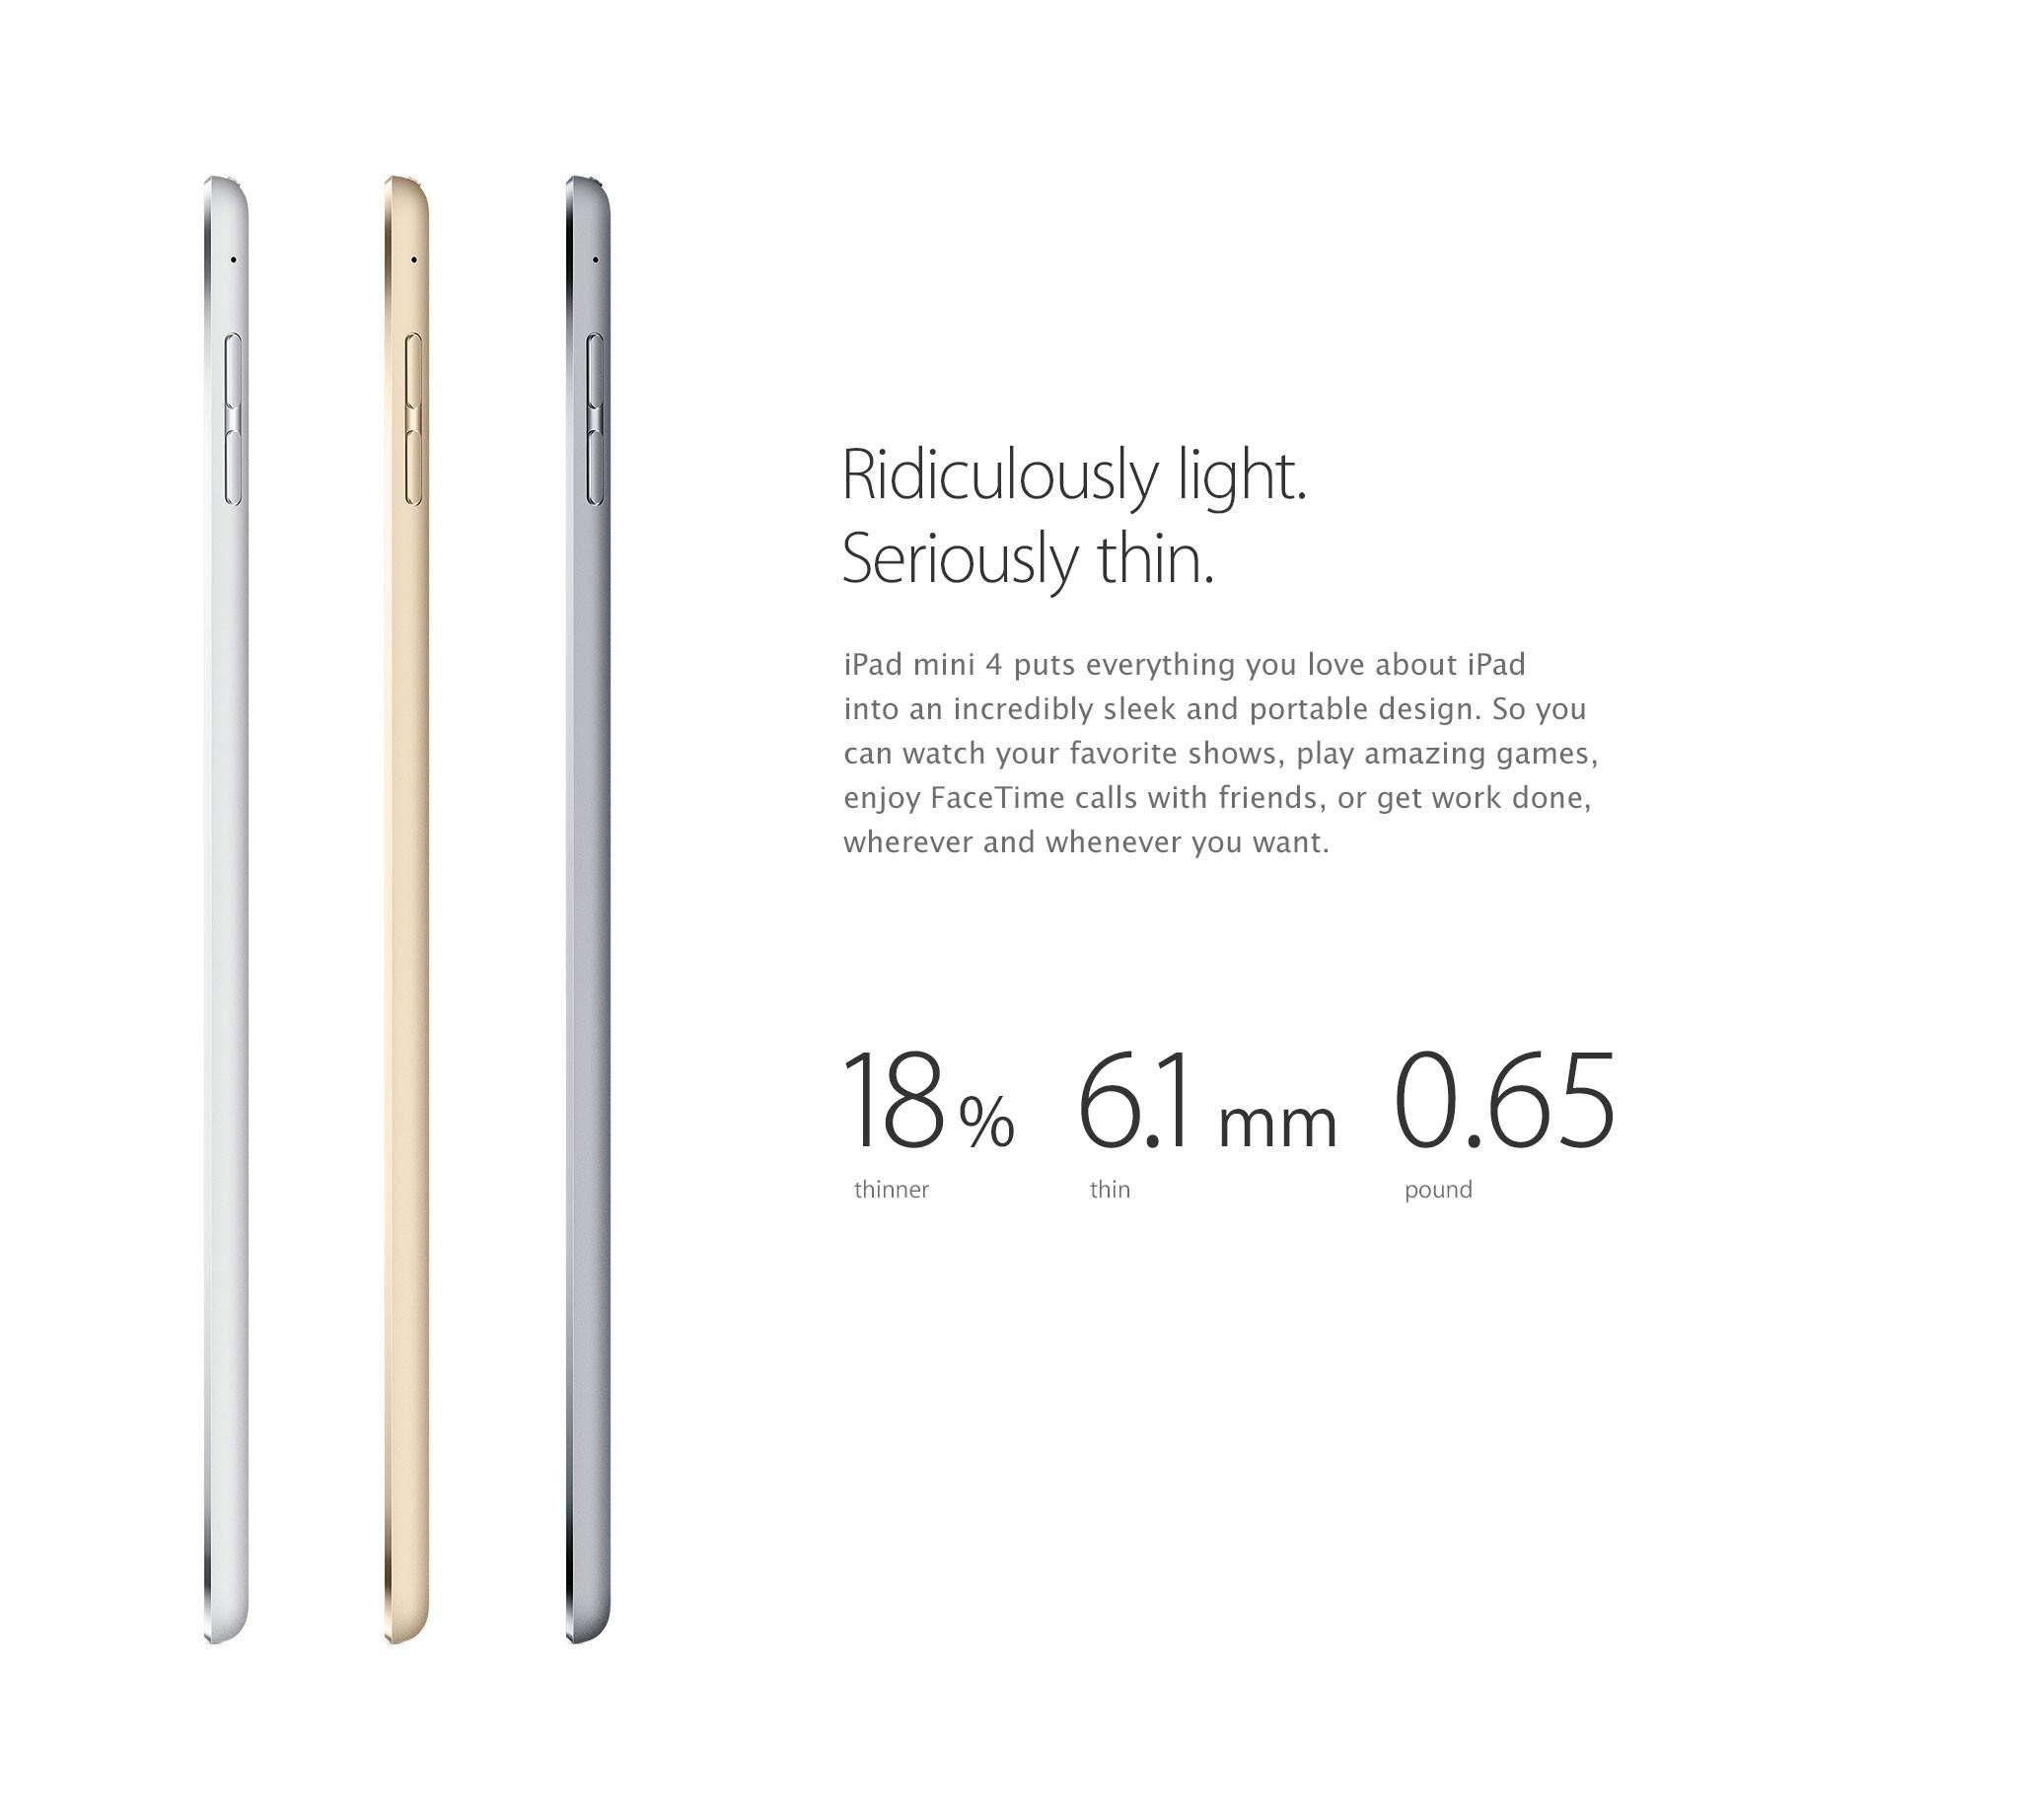 Increíblemente liviano. Verdaderamente delgado. El iPad mini 4 fusiona lo que más te gusta de un iPad en un diseño con extrema elegancia y portabilidad. De manera que puedes mirar tus programas favoritos, aprovechar increíbles juegos, disfrutar con amigos de llamadas con tecnología FaceTime o trabajar, en el lugar y momento que desees. 18% más delgado: 6.1 mm y 0.65 libras.